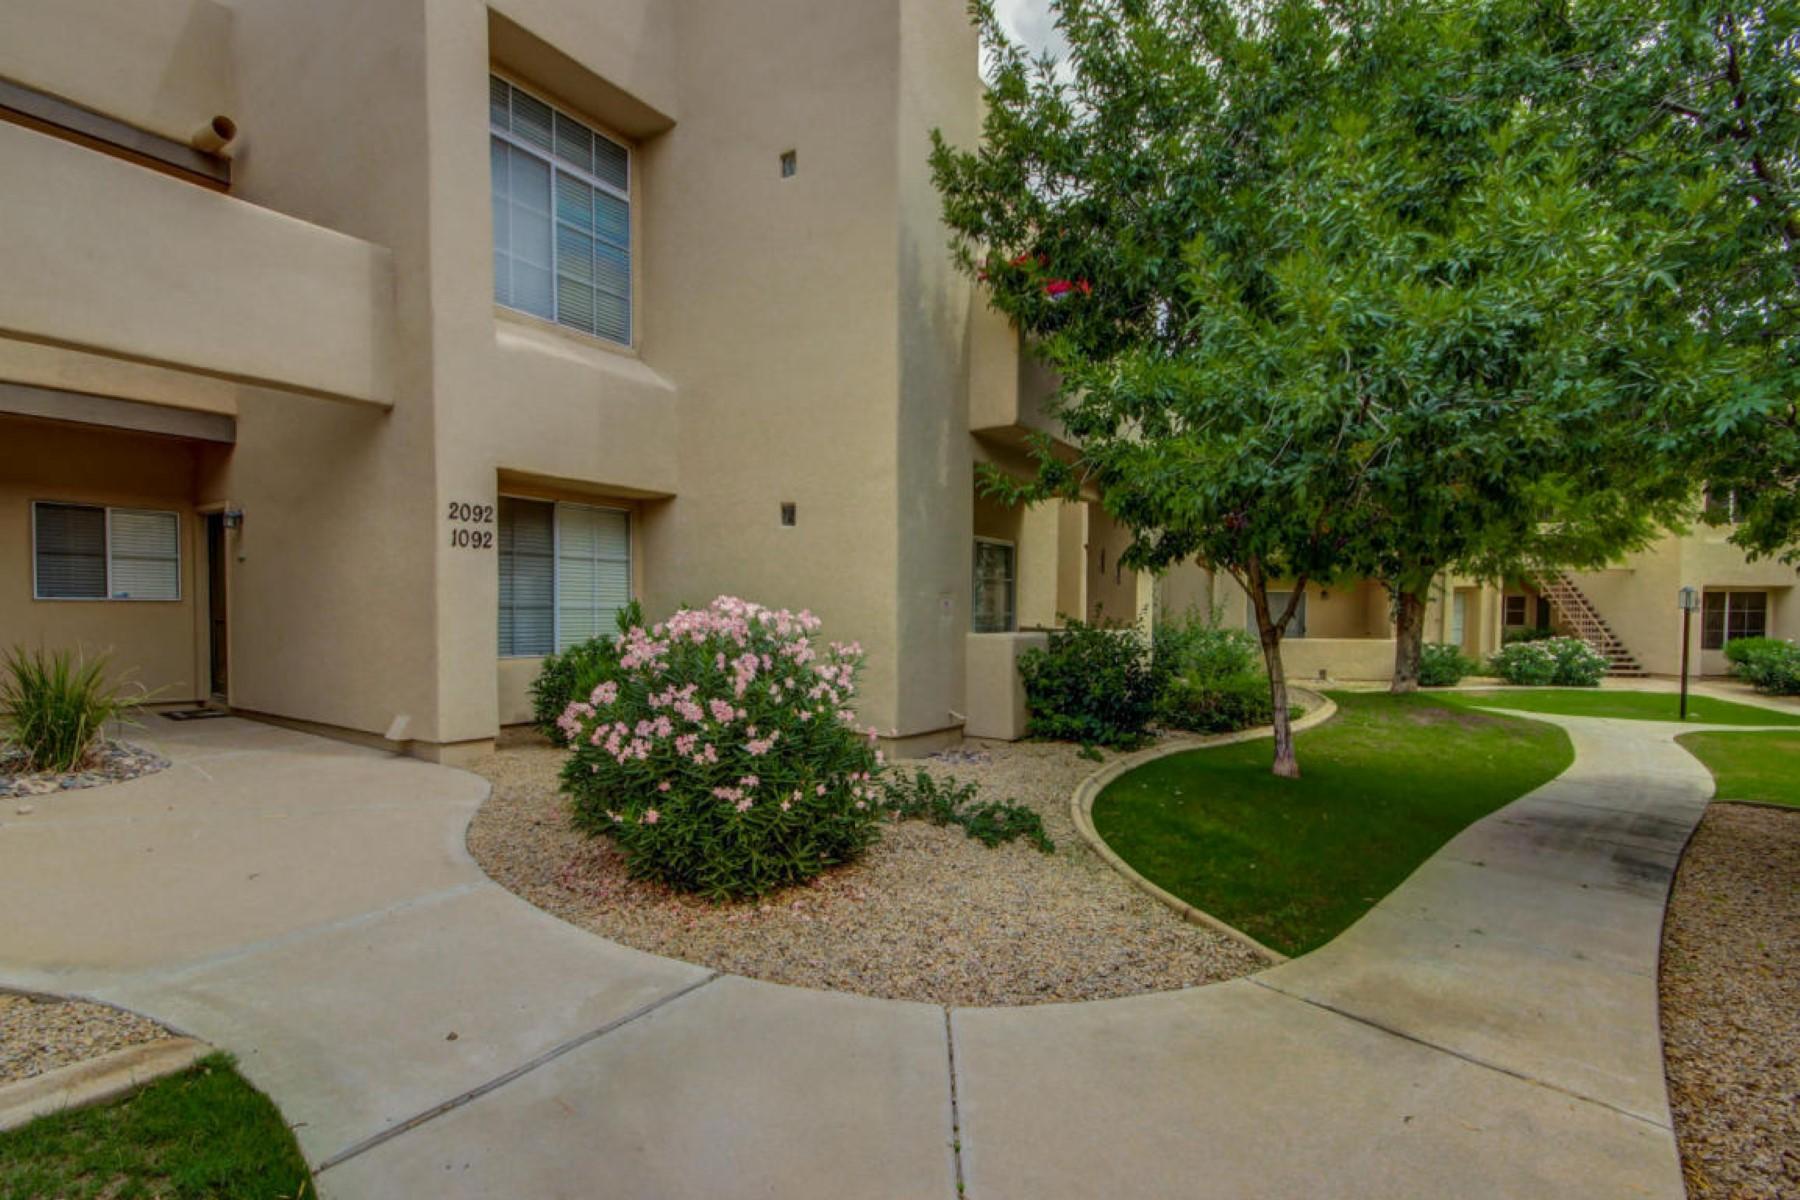 公寓 为 销售 在 Welcome to the Gorgeous Community of Mission de los Arroyos 11333 N 92ND ST 1092 Scottsdale, 亚利桑那州 85260 美国